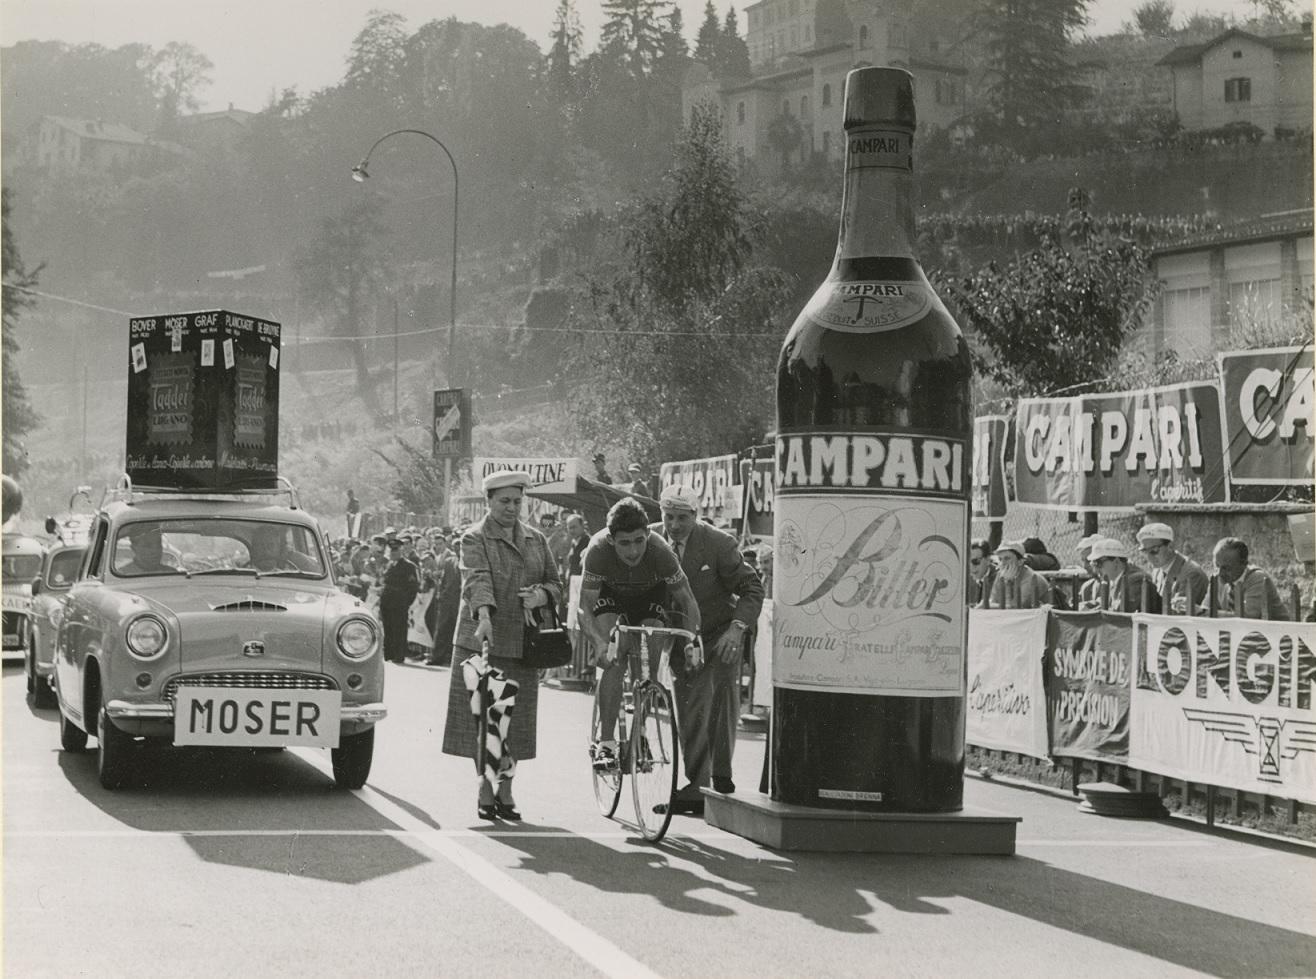 GP 2° DCM 1956 LUGANO ALDO MOSER PARTENZA © Courtesy Galleria Campari